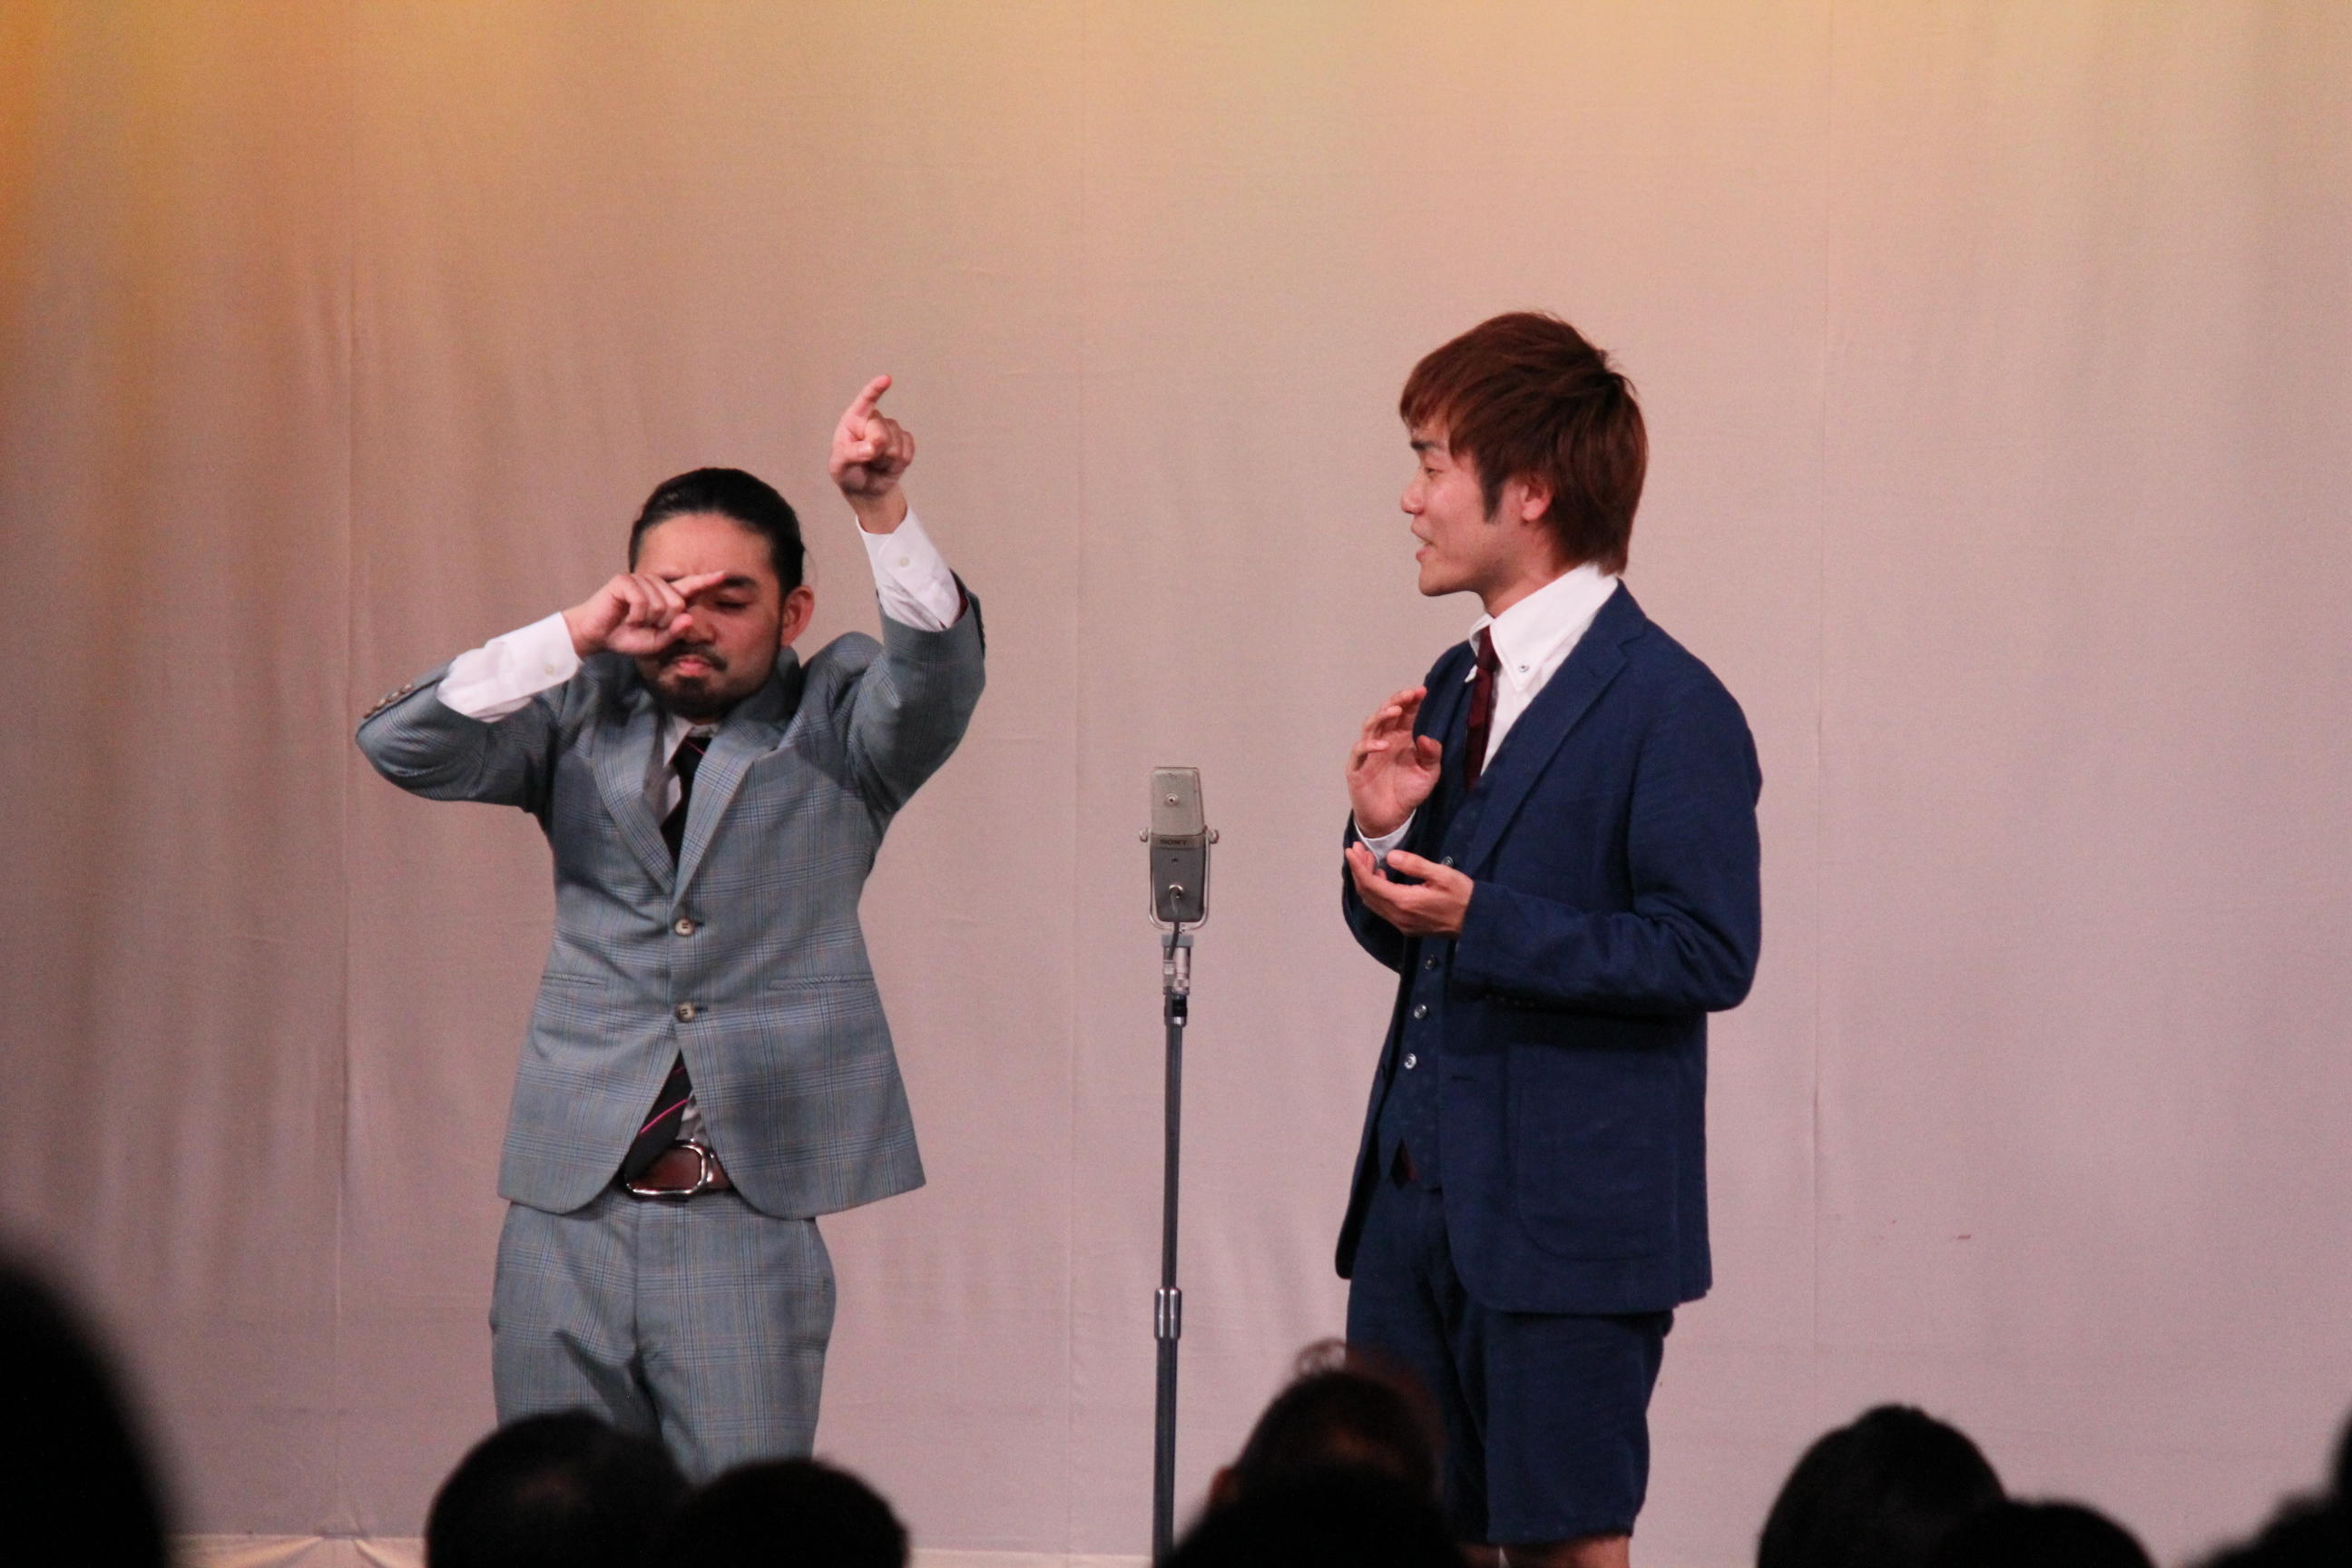 http://news.yoshimoto.co.jp/20161018172733-b71dd38e19162fcfb66539a32a440cbcb0b5a6cd.jpg